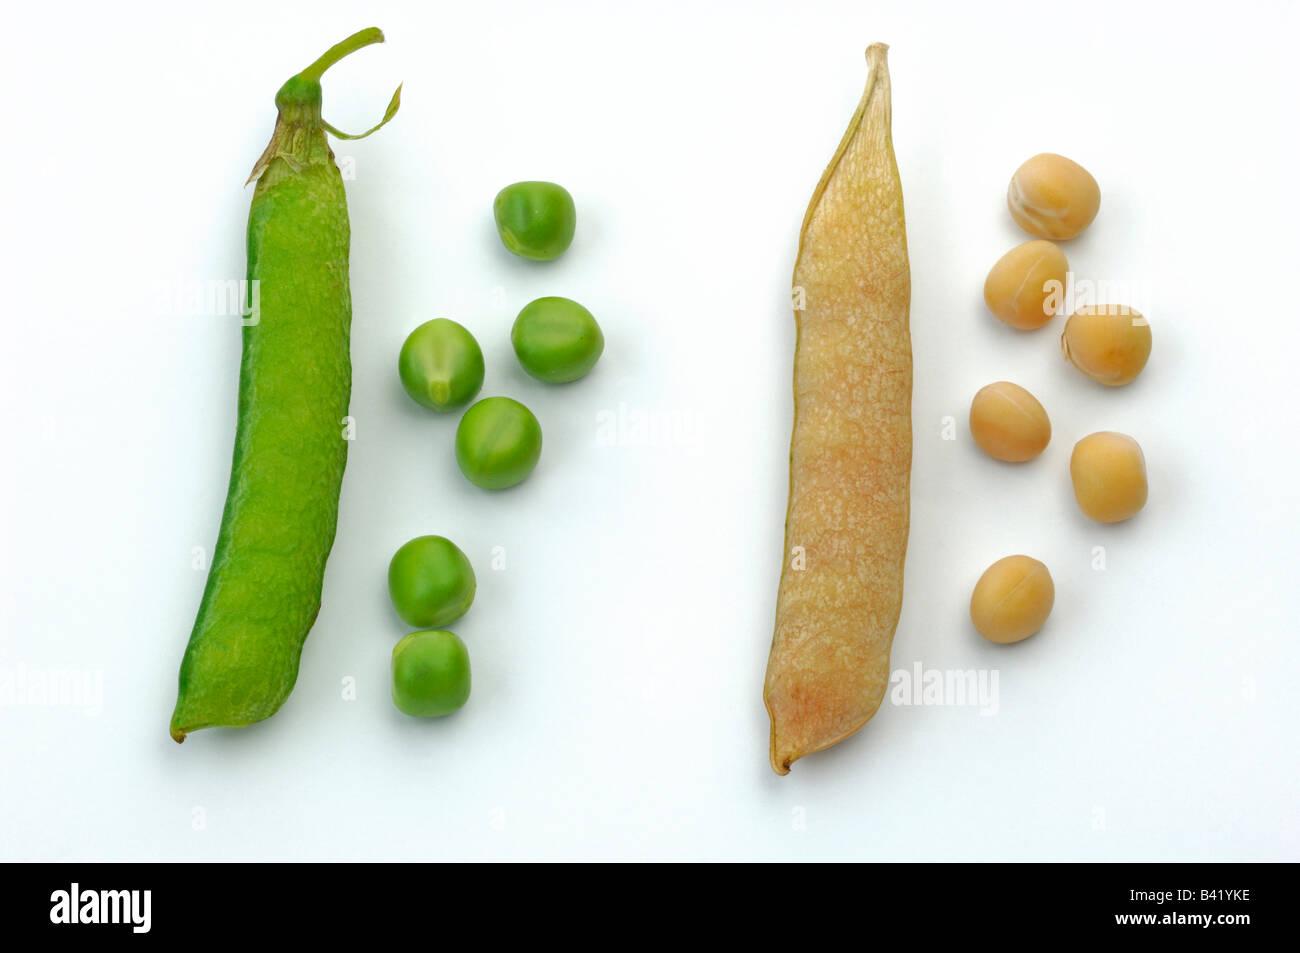 Garden Pea (Pisum sativum) ripe and unripe pods and peas - Stock Image